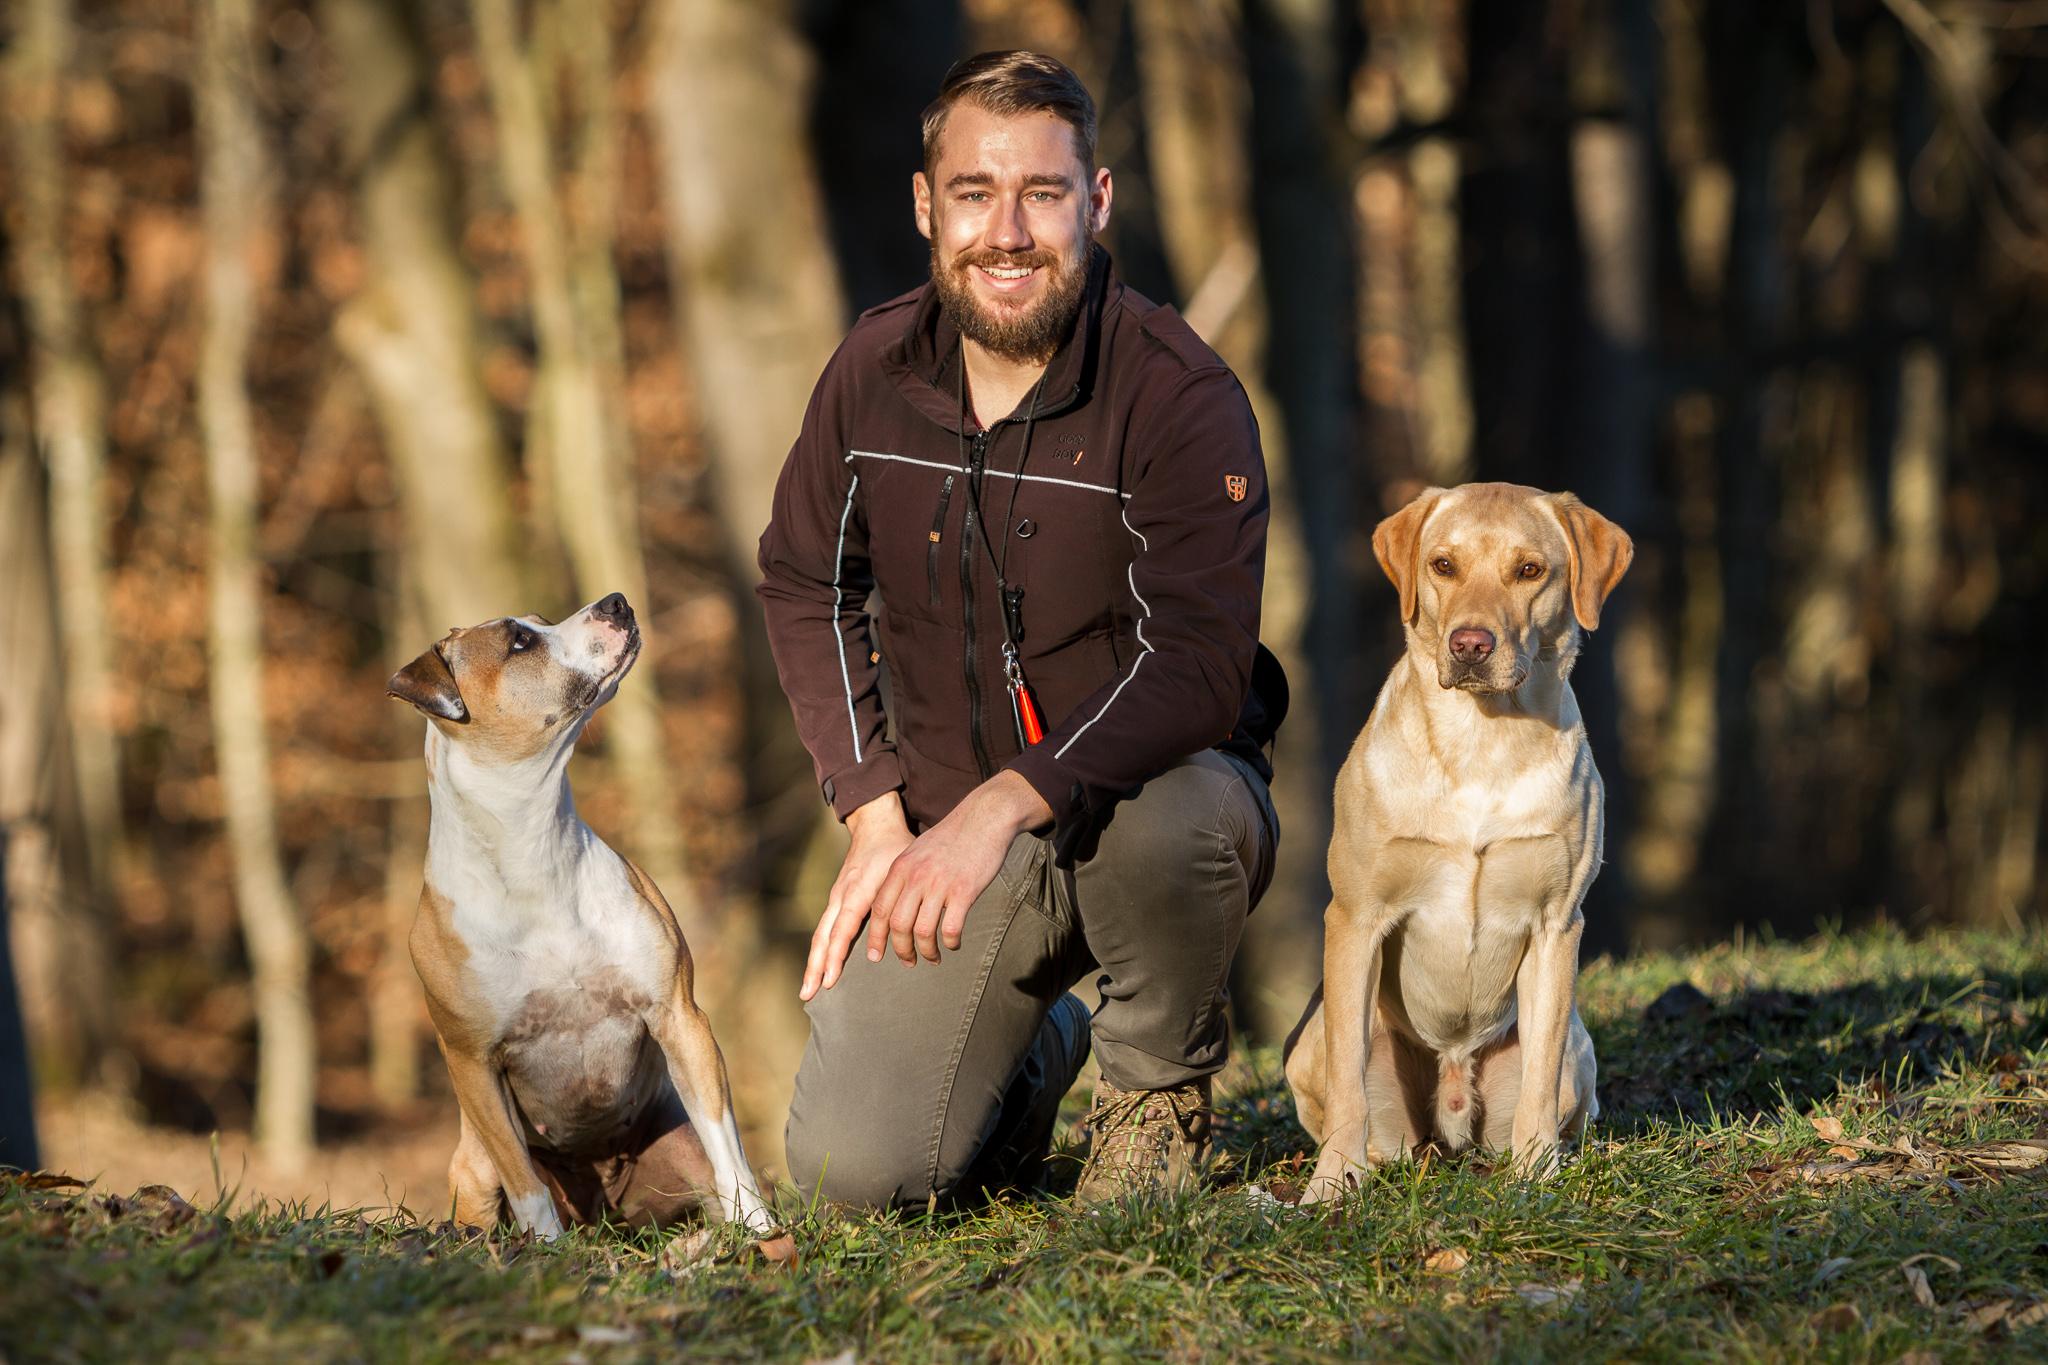 Hundetrainer Andreas Gomsi in der Hocke mit zwei Hunden neben ihm sitzend dahinter ein Wald